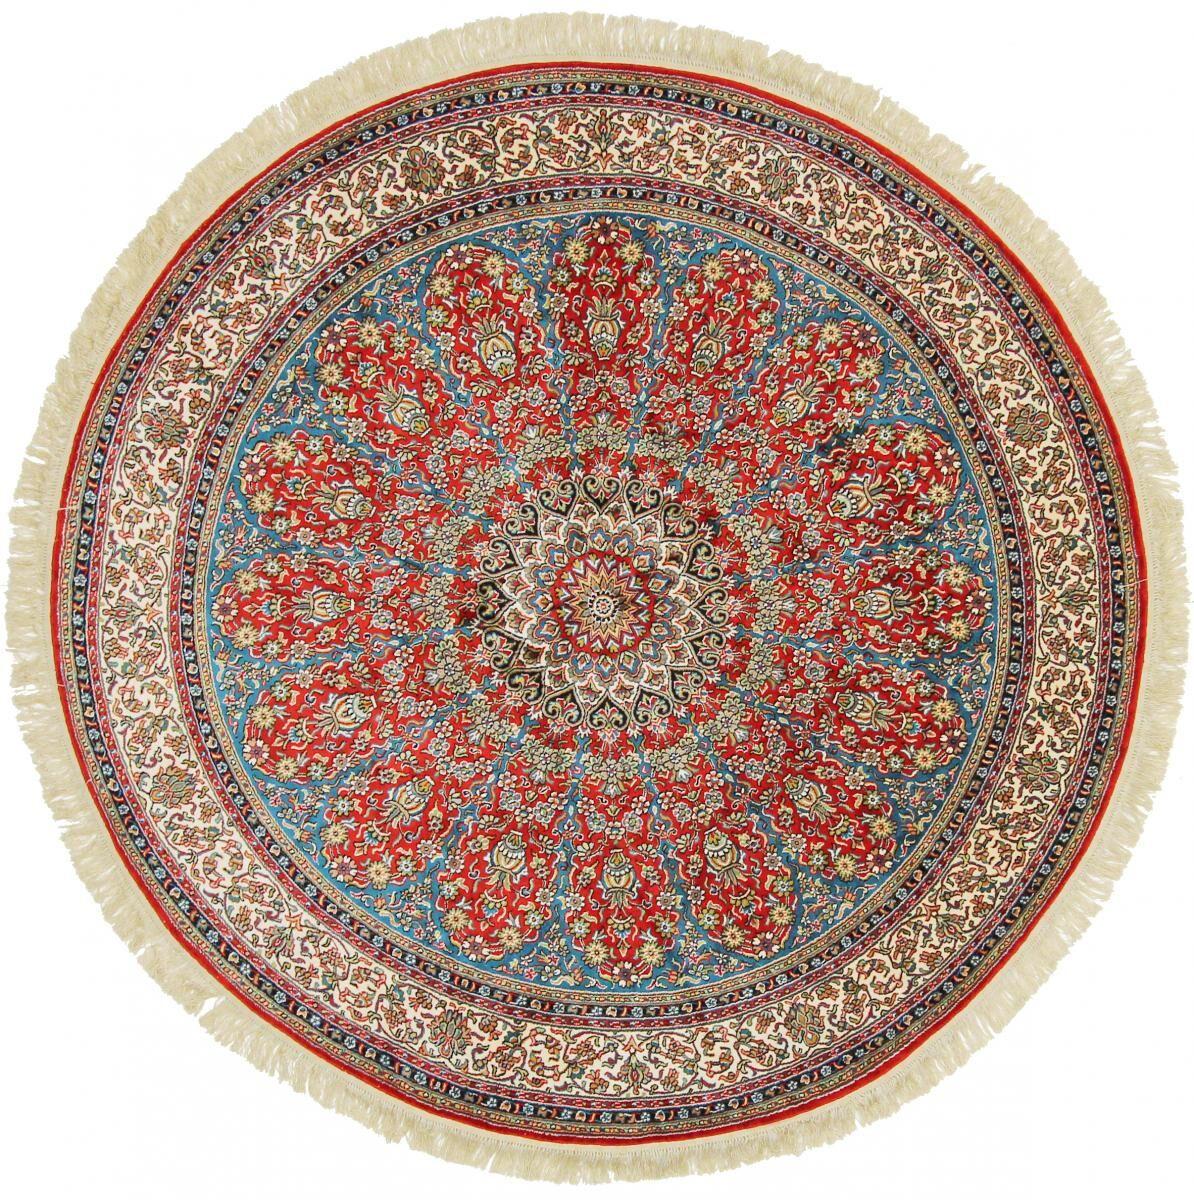 Nain Trading Tapis D'orient Cachemire Pure Soie 181x181 Ronde Beige/Rose (Soie, Inde, Noué à la main)